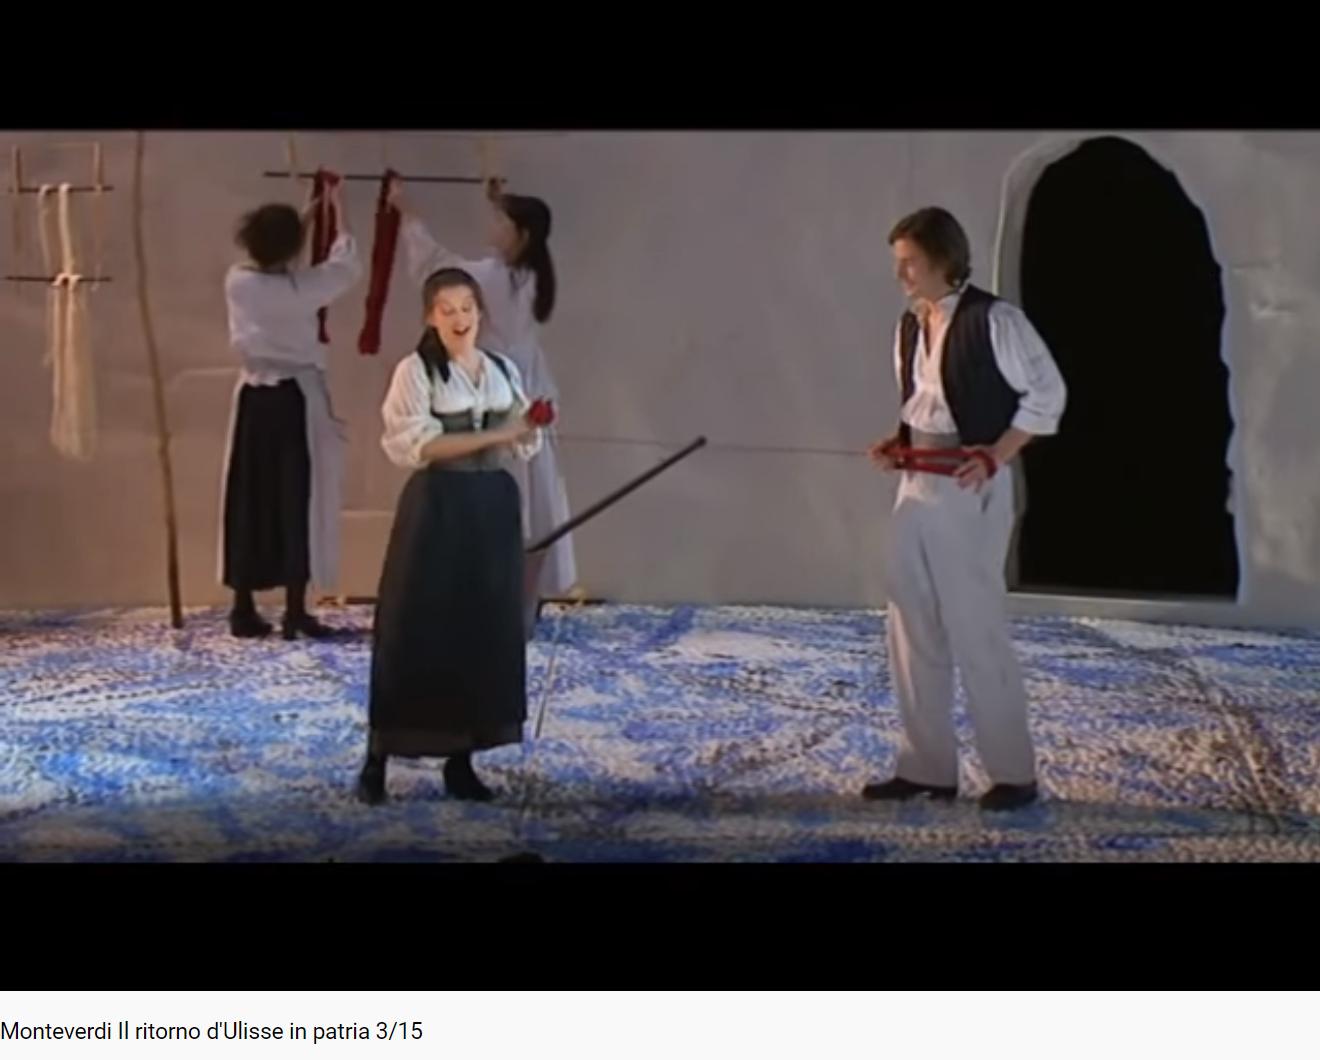 Monteverdi Il ritorno d'Ulisse dei nostri amor concordi